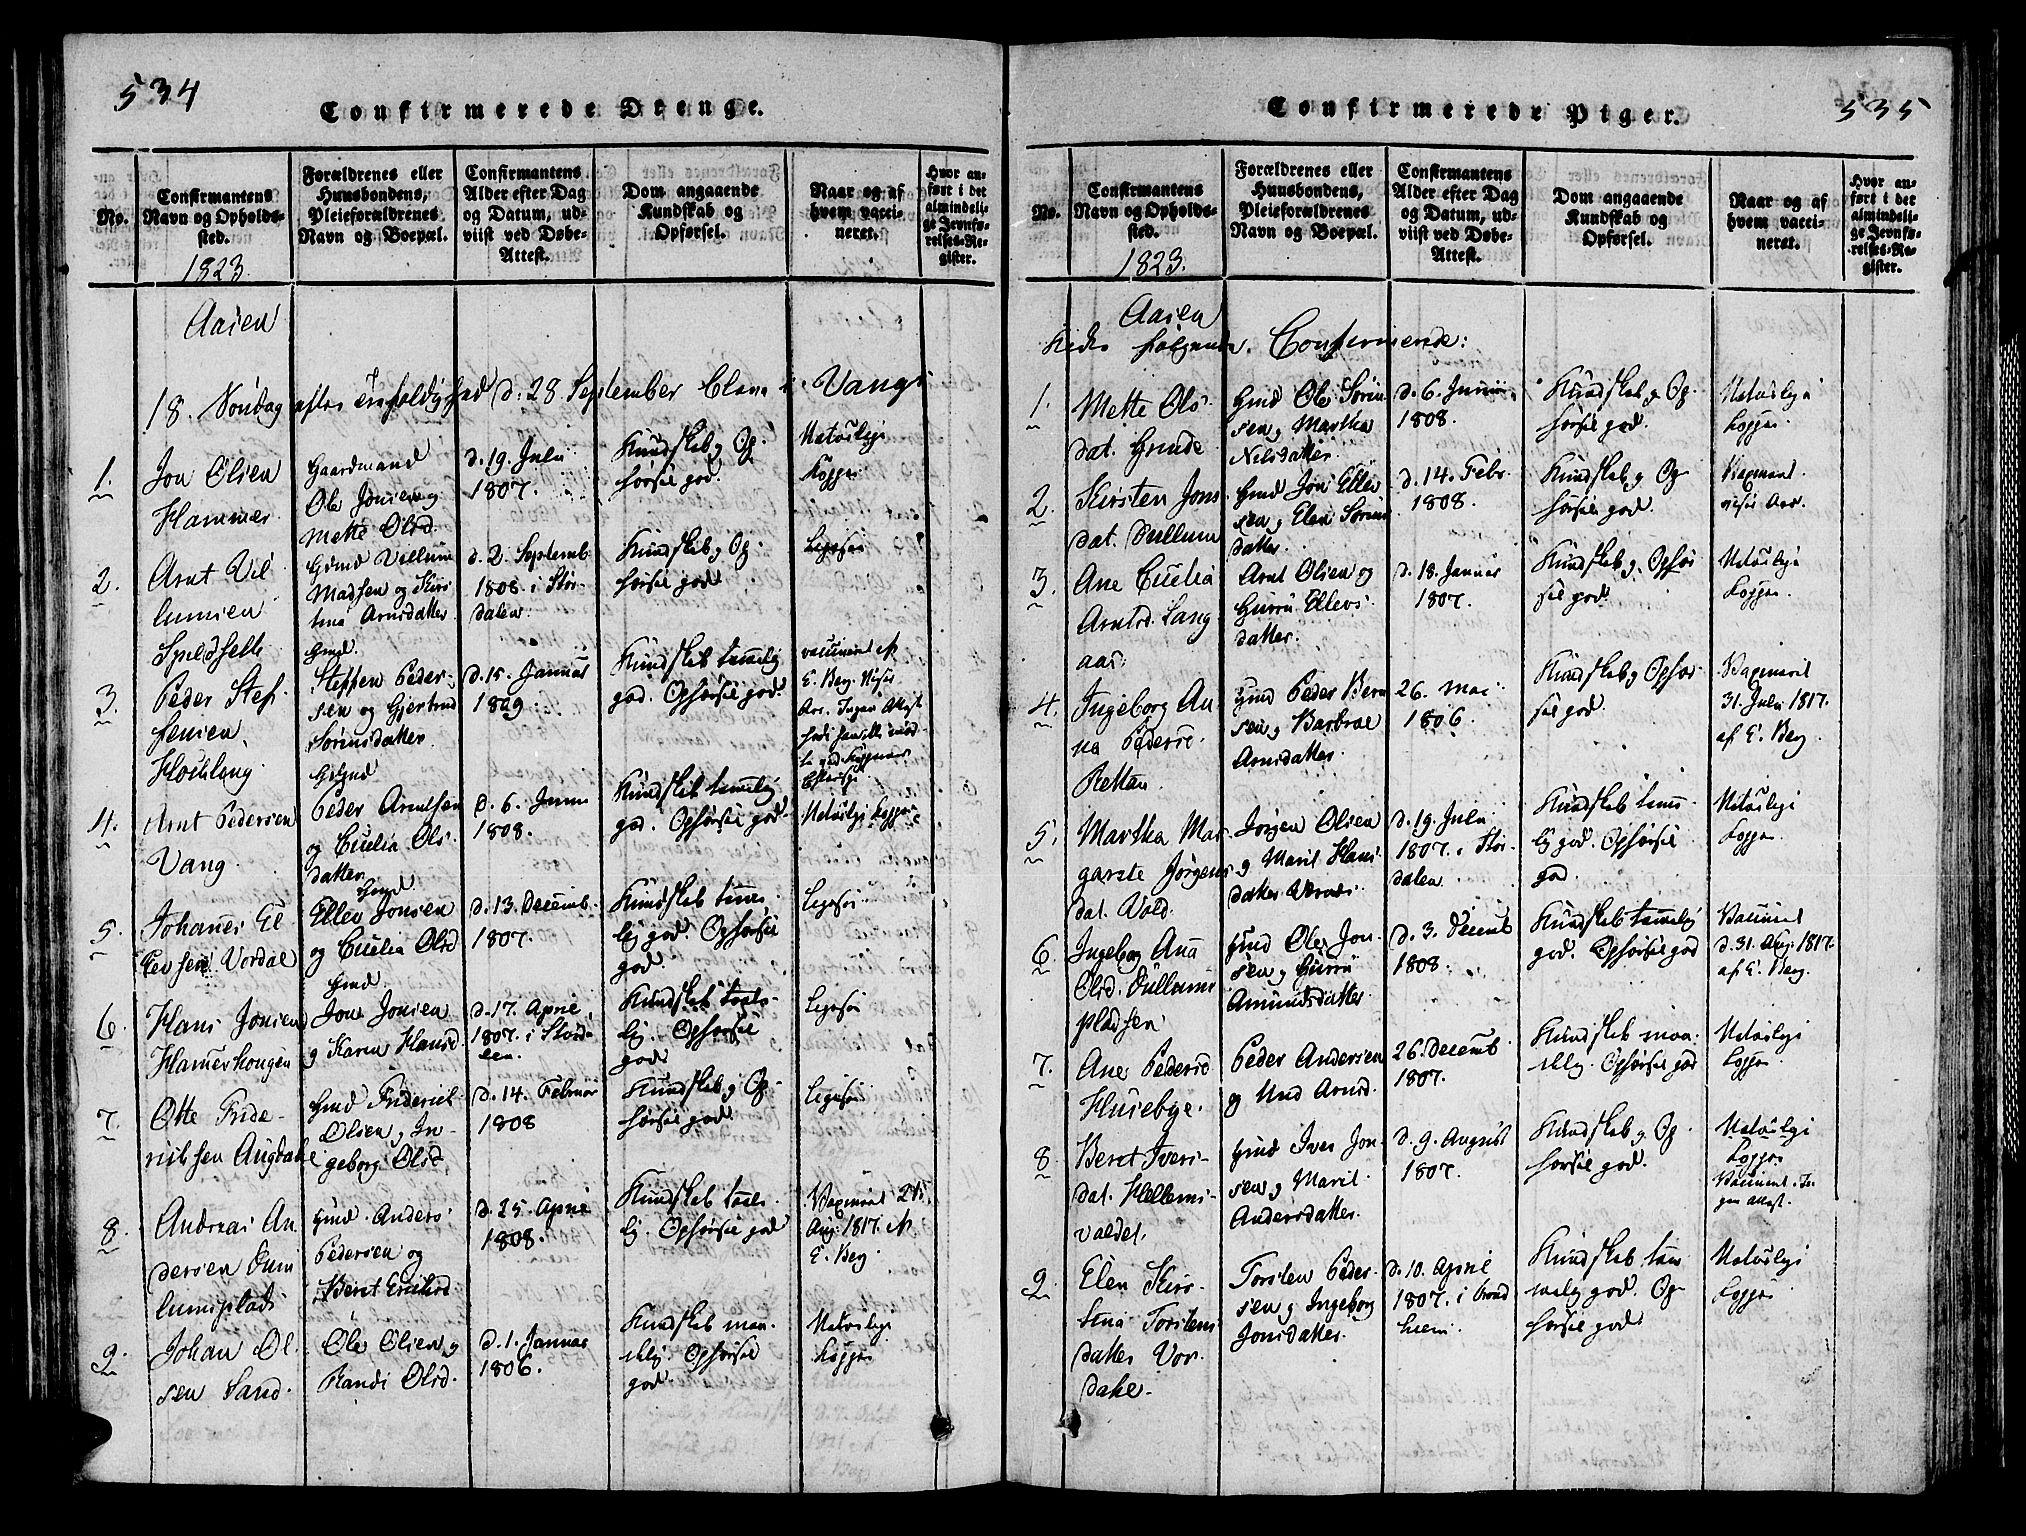 SAT, Ministerialprotokoller, klokkerbøker og fødselsregistre - Nord-Trøndelag, 713/L0112: Ministerialbok nr. 713A04 /2, 1817-1827, s. 534-535